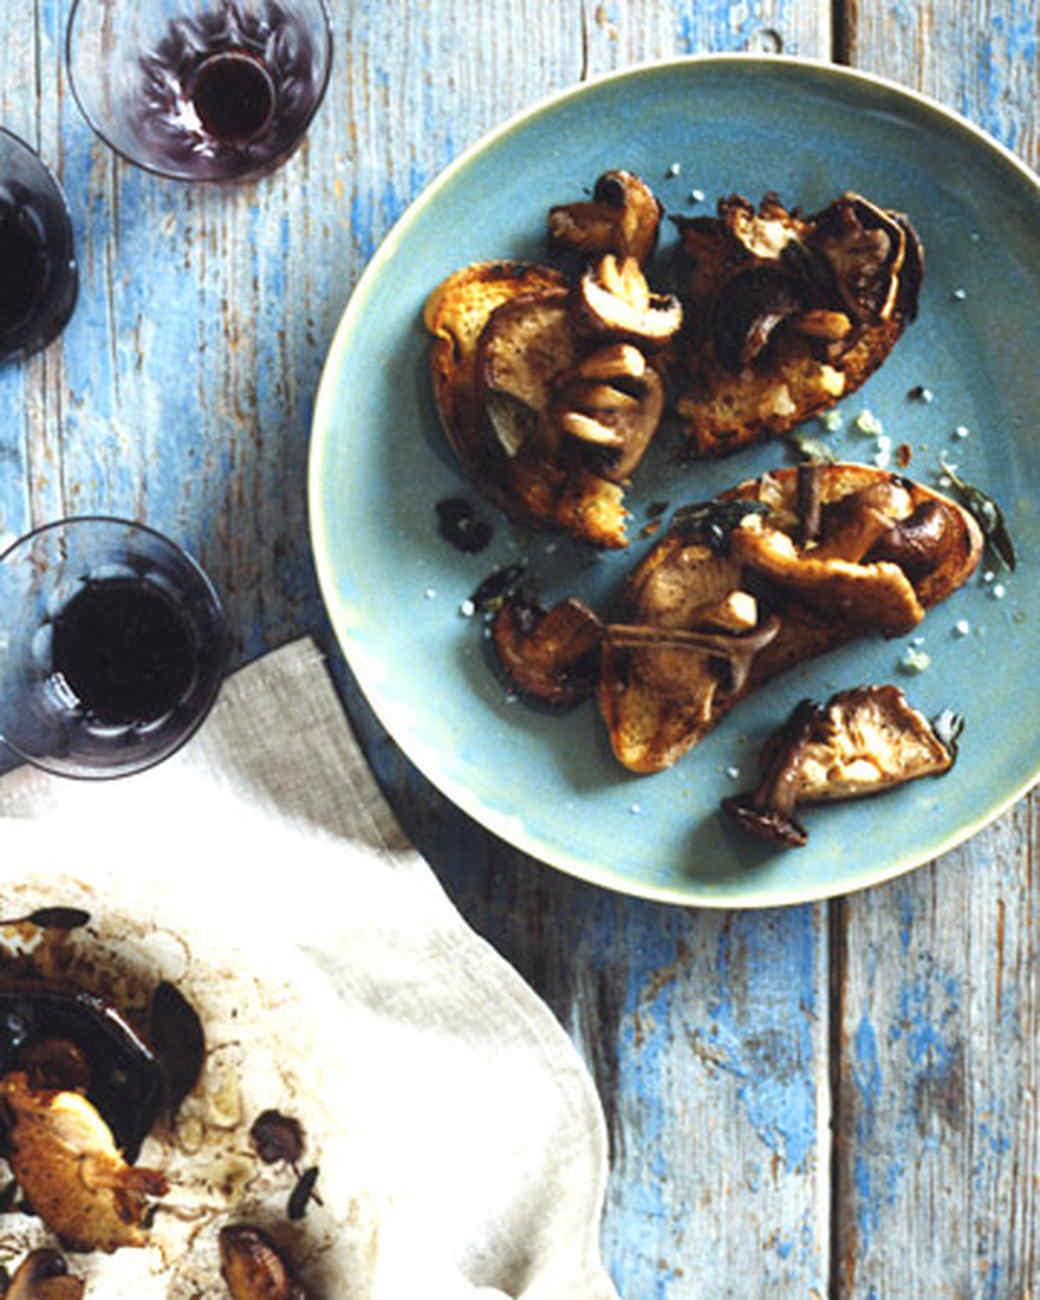 la103658_1008_mushrooms.jpg